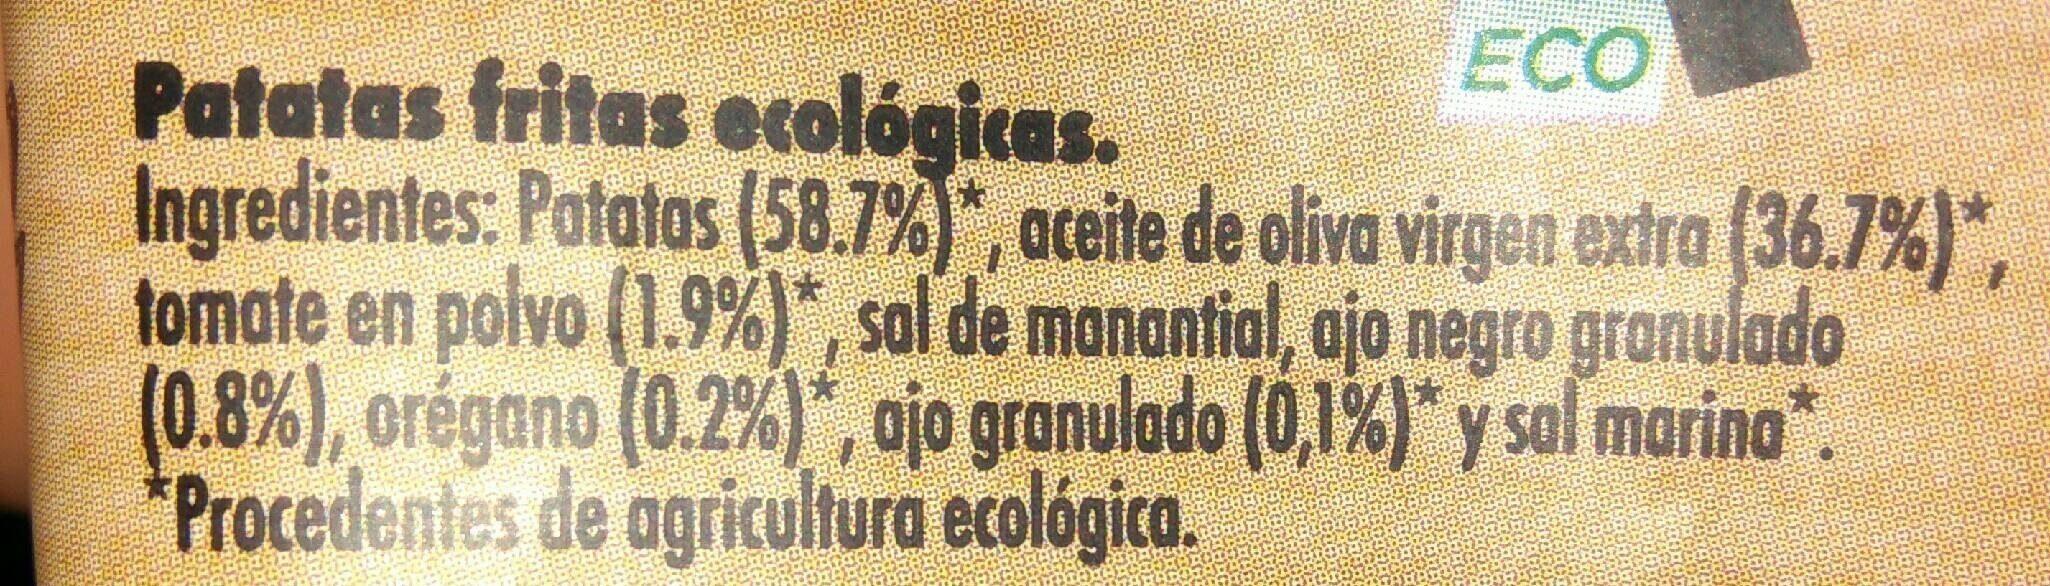 ECOPAPAS - Información nutricional - es